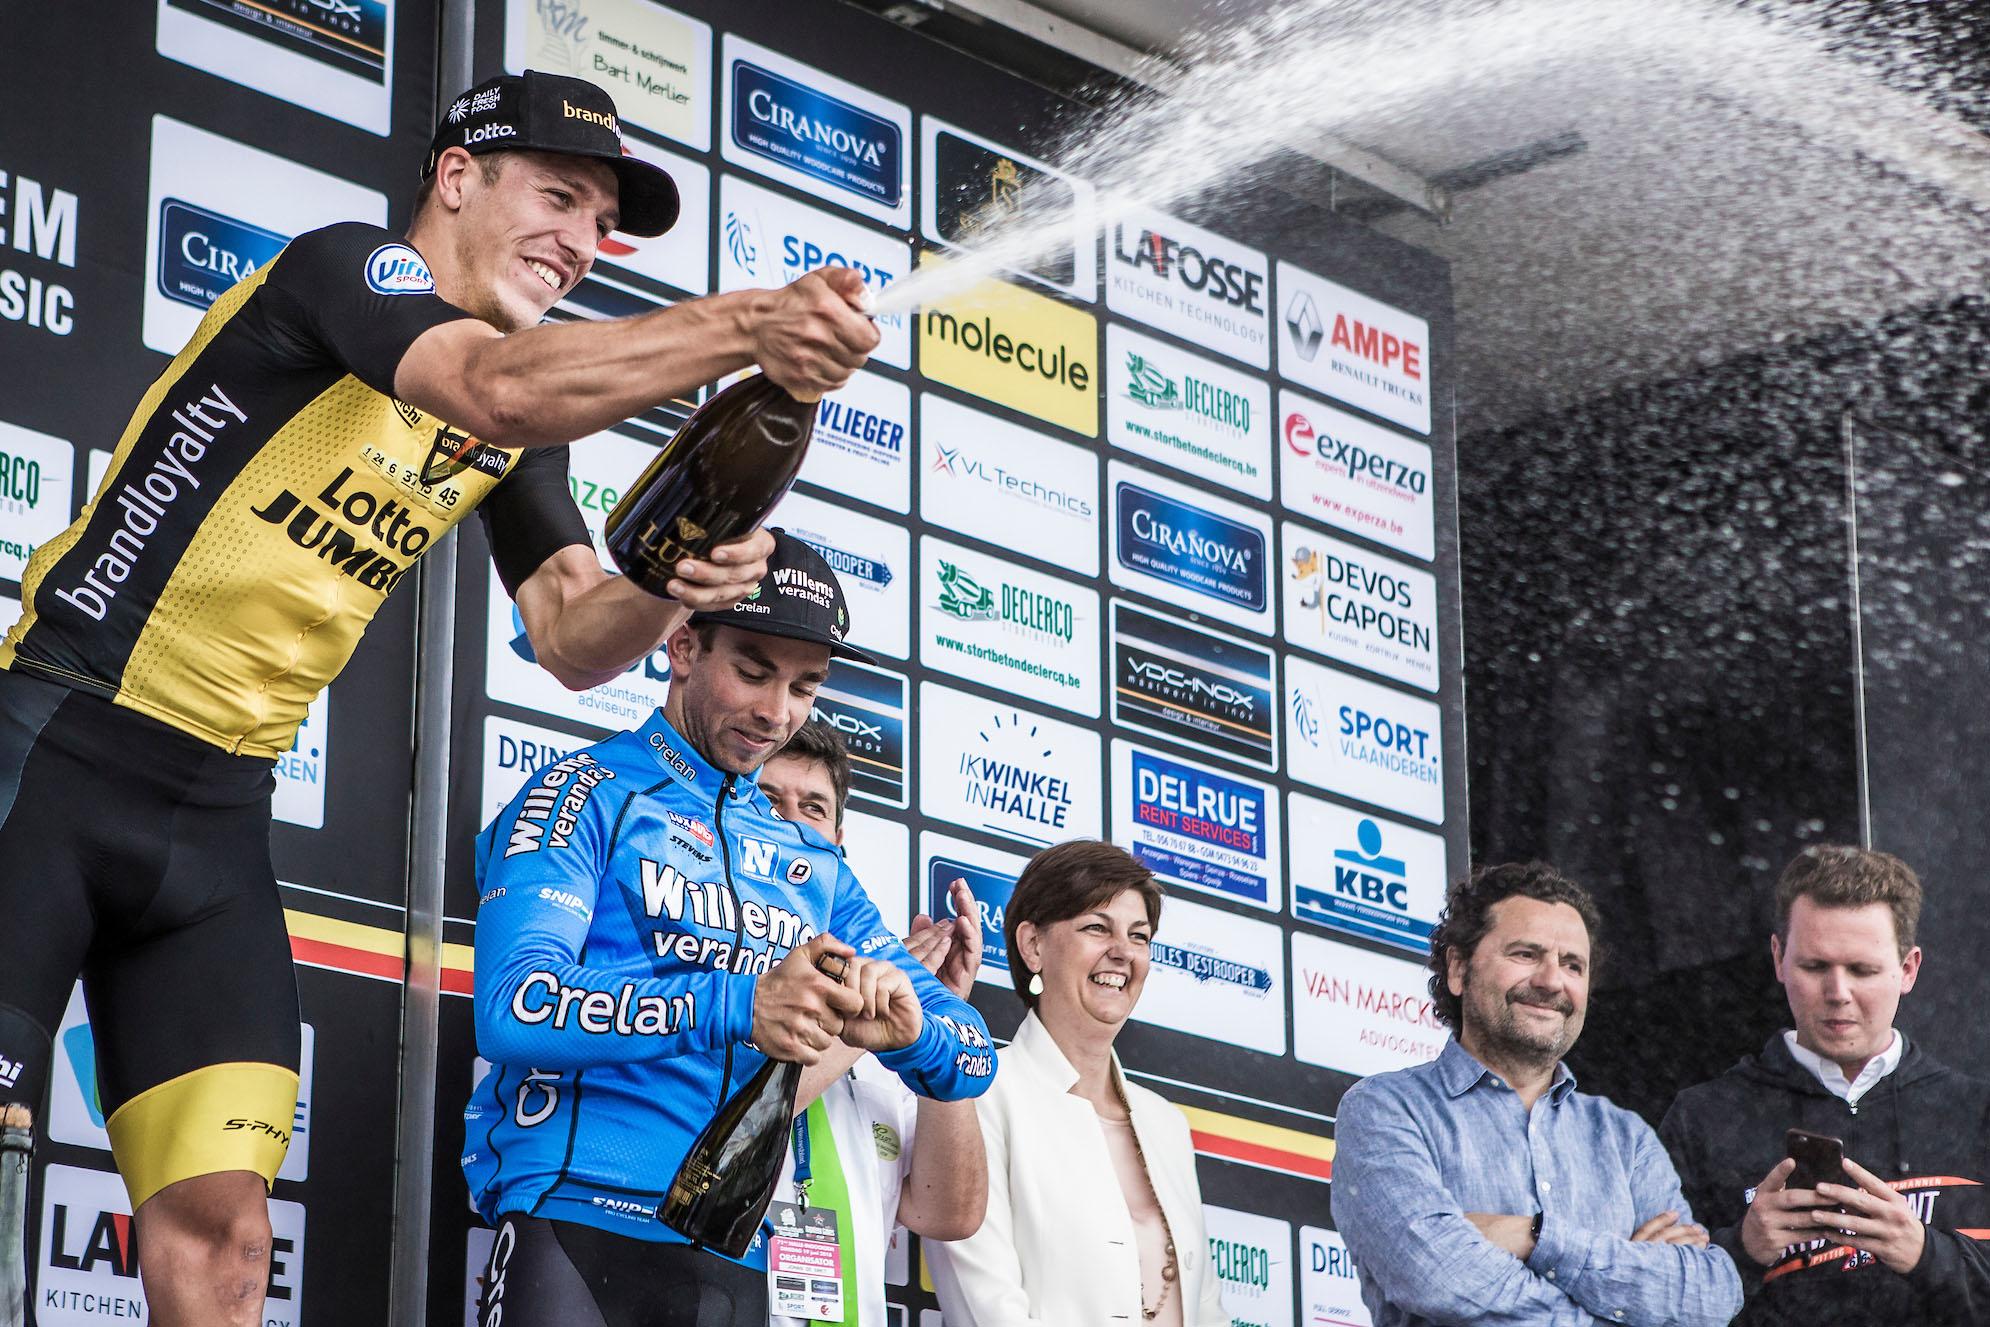 LUX Sparkling: Belgische bubbels voor Beker van België - Bingoal Cyling Cup